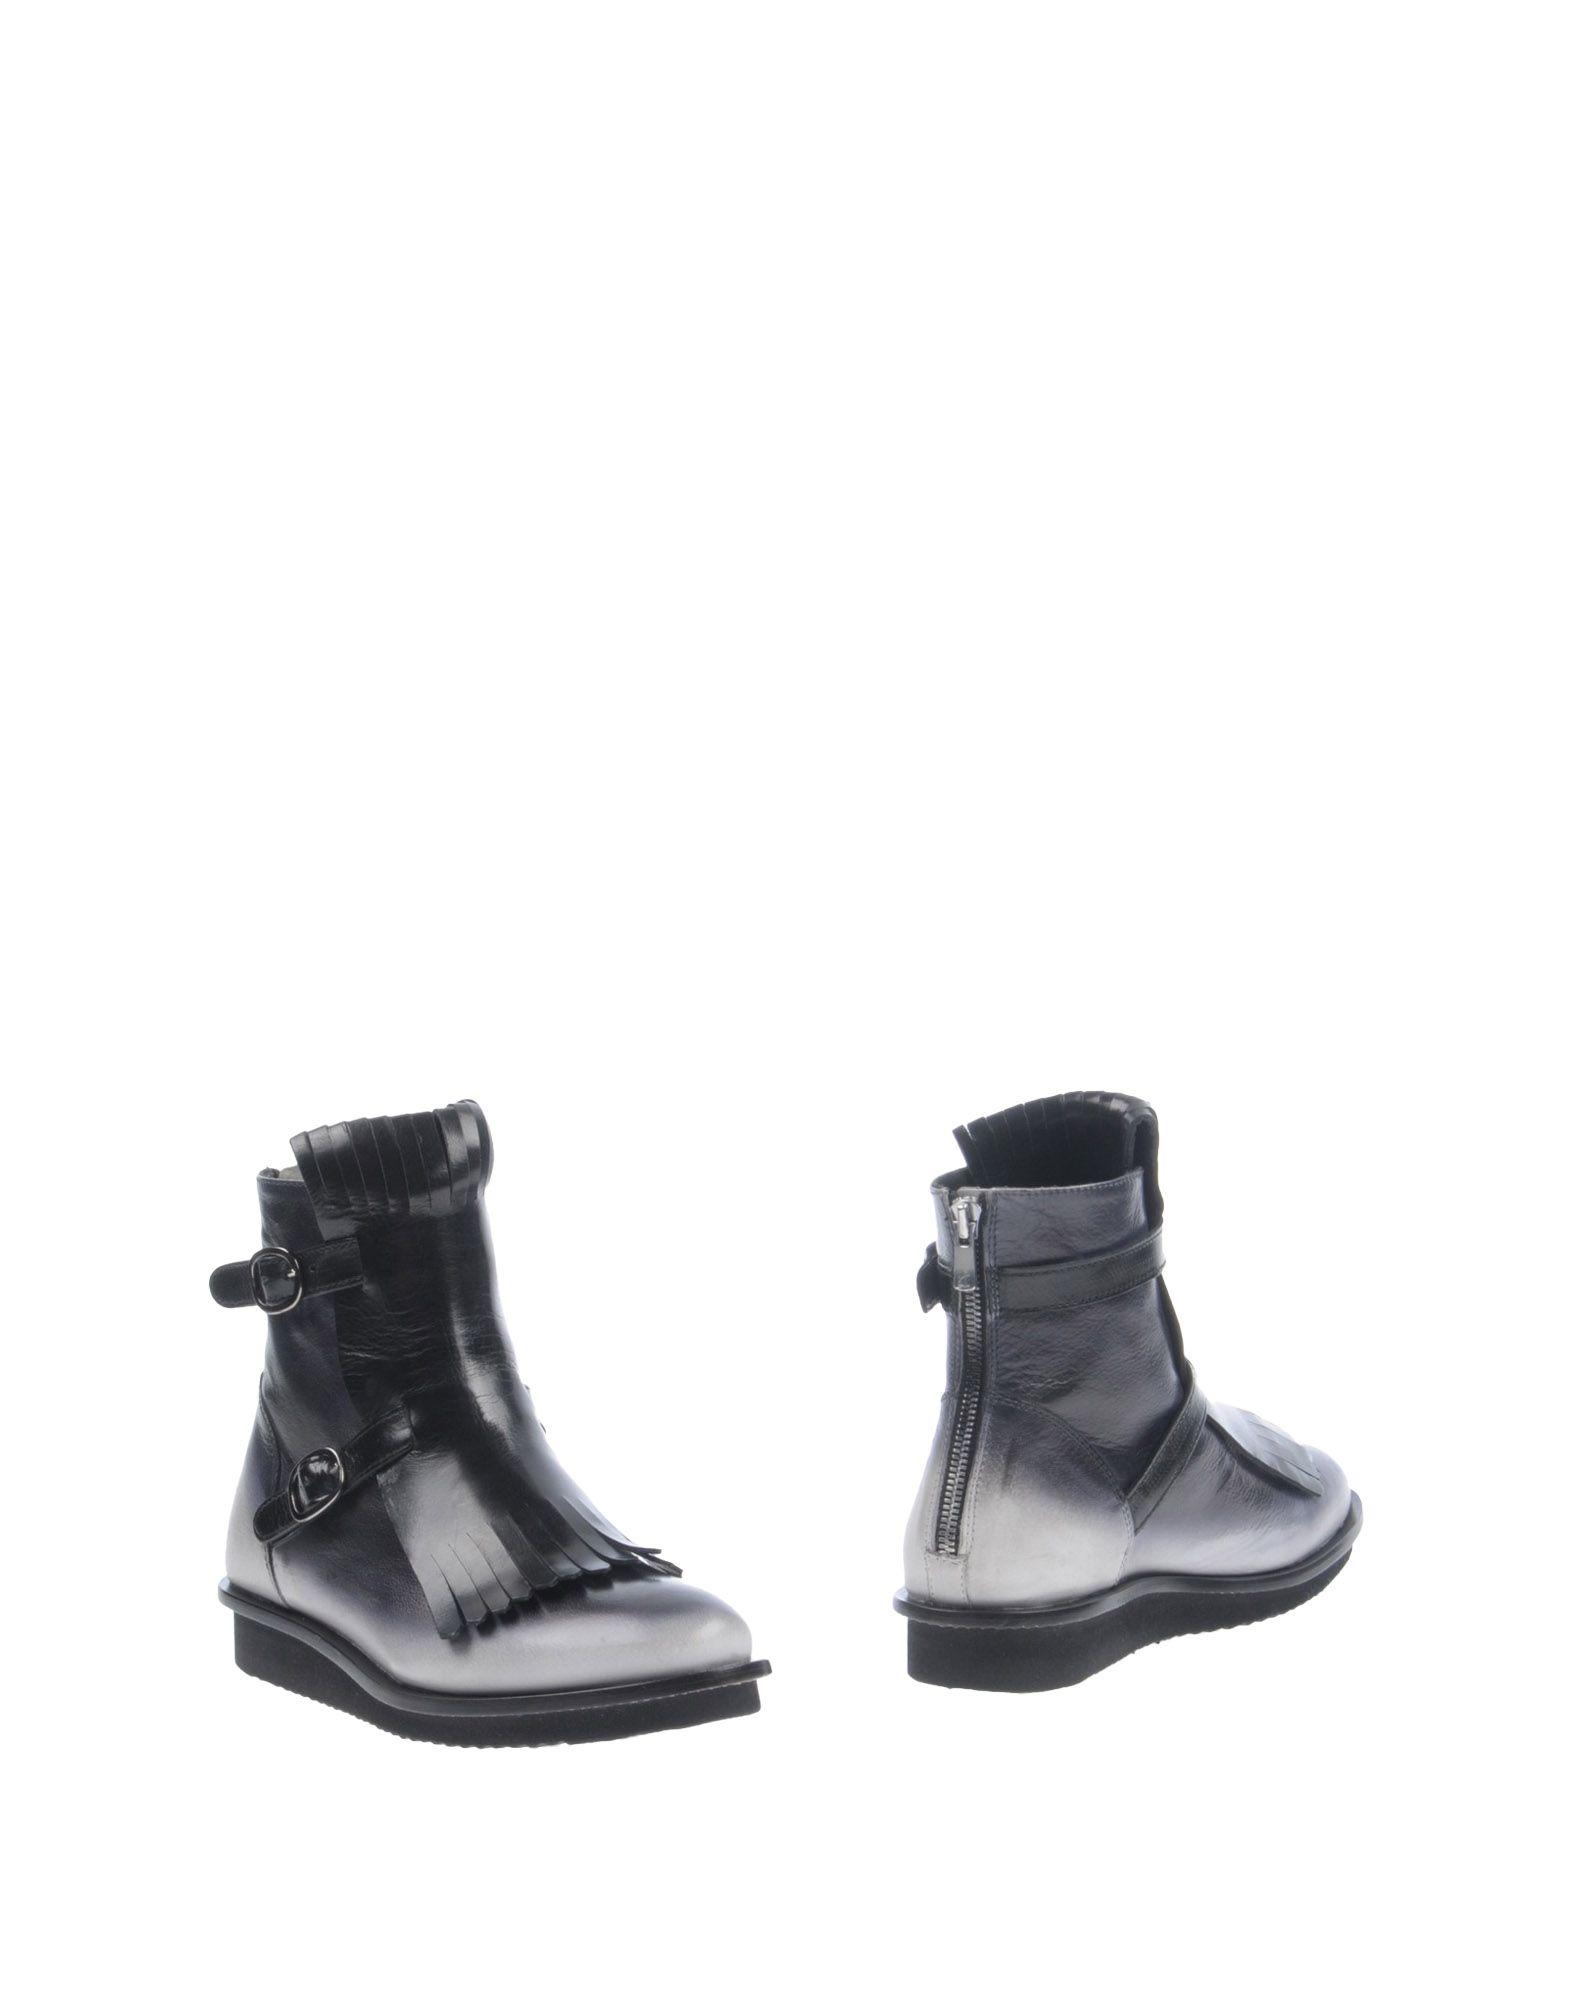 Rabatt Schuhe Officine Creative Italia Stiefelette Damen  11446065CK